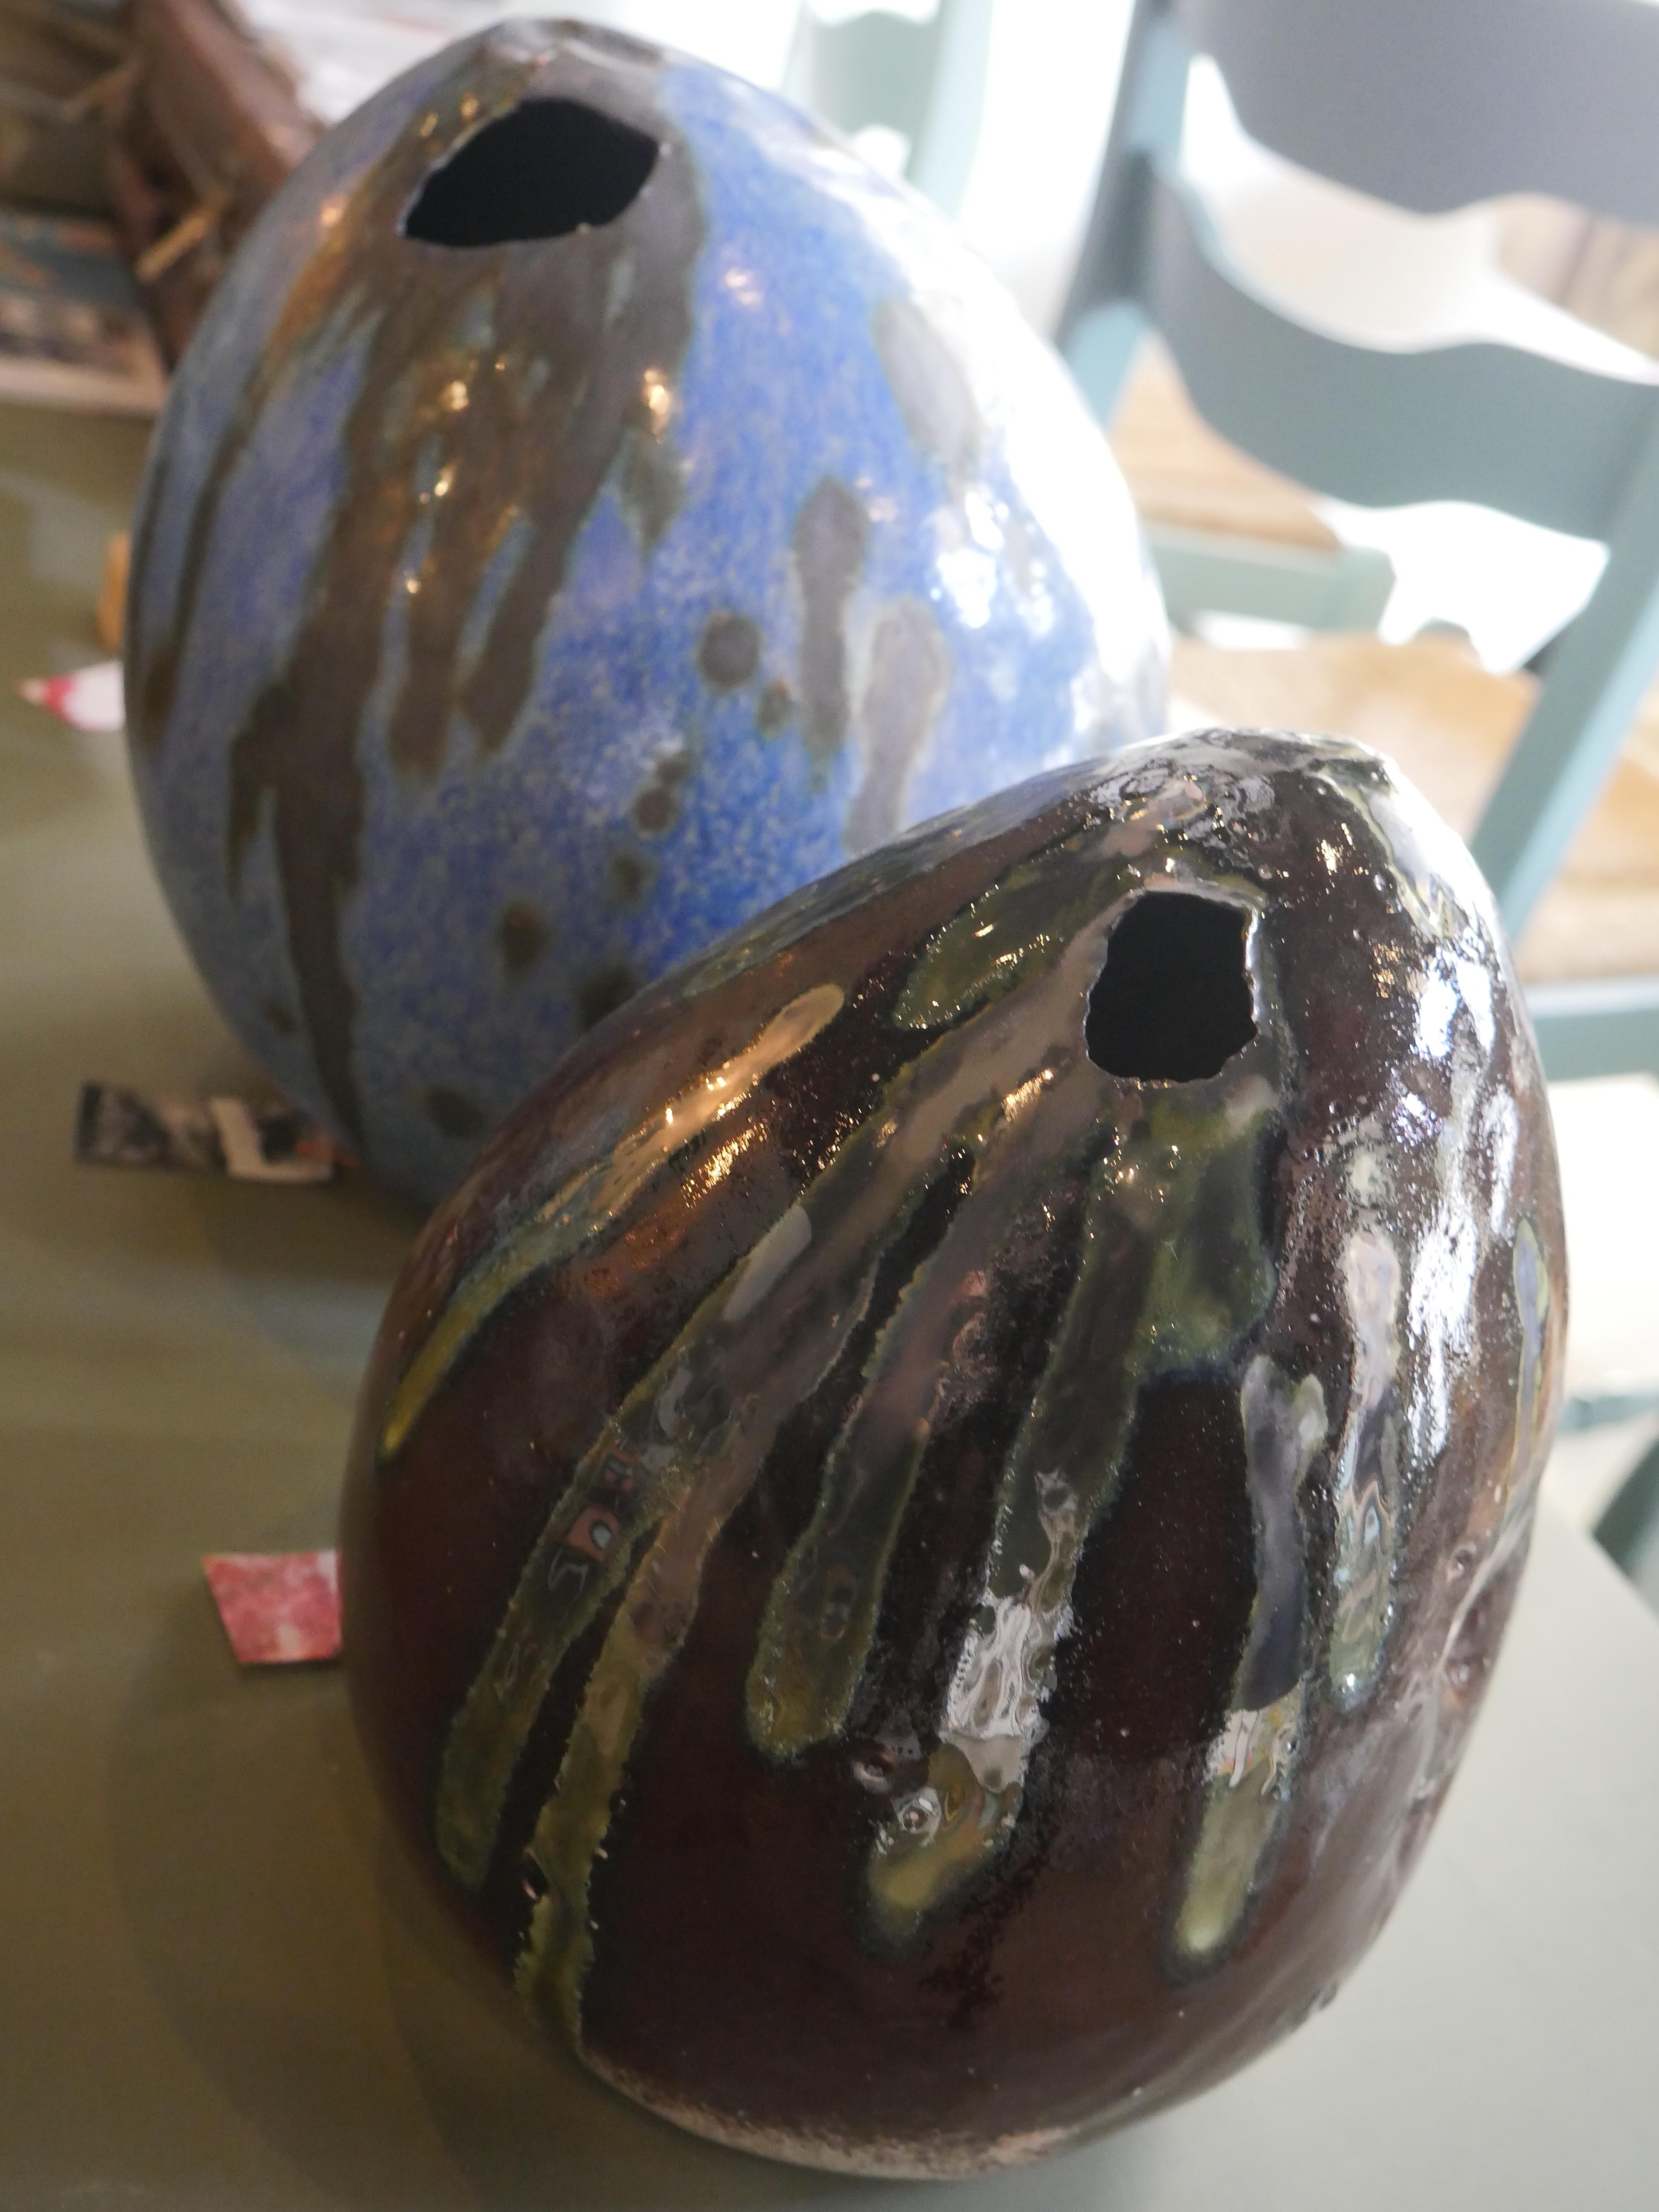 Marinus heldoorn keramiek bij Angelart kunst&Zo Angela Peters